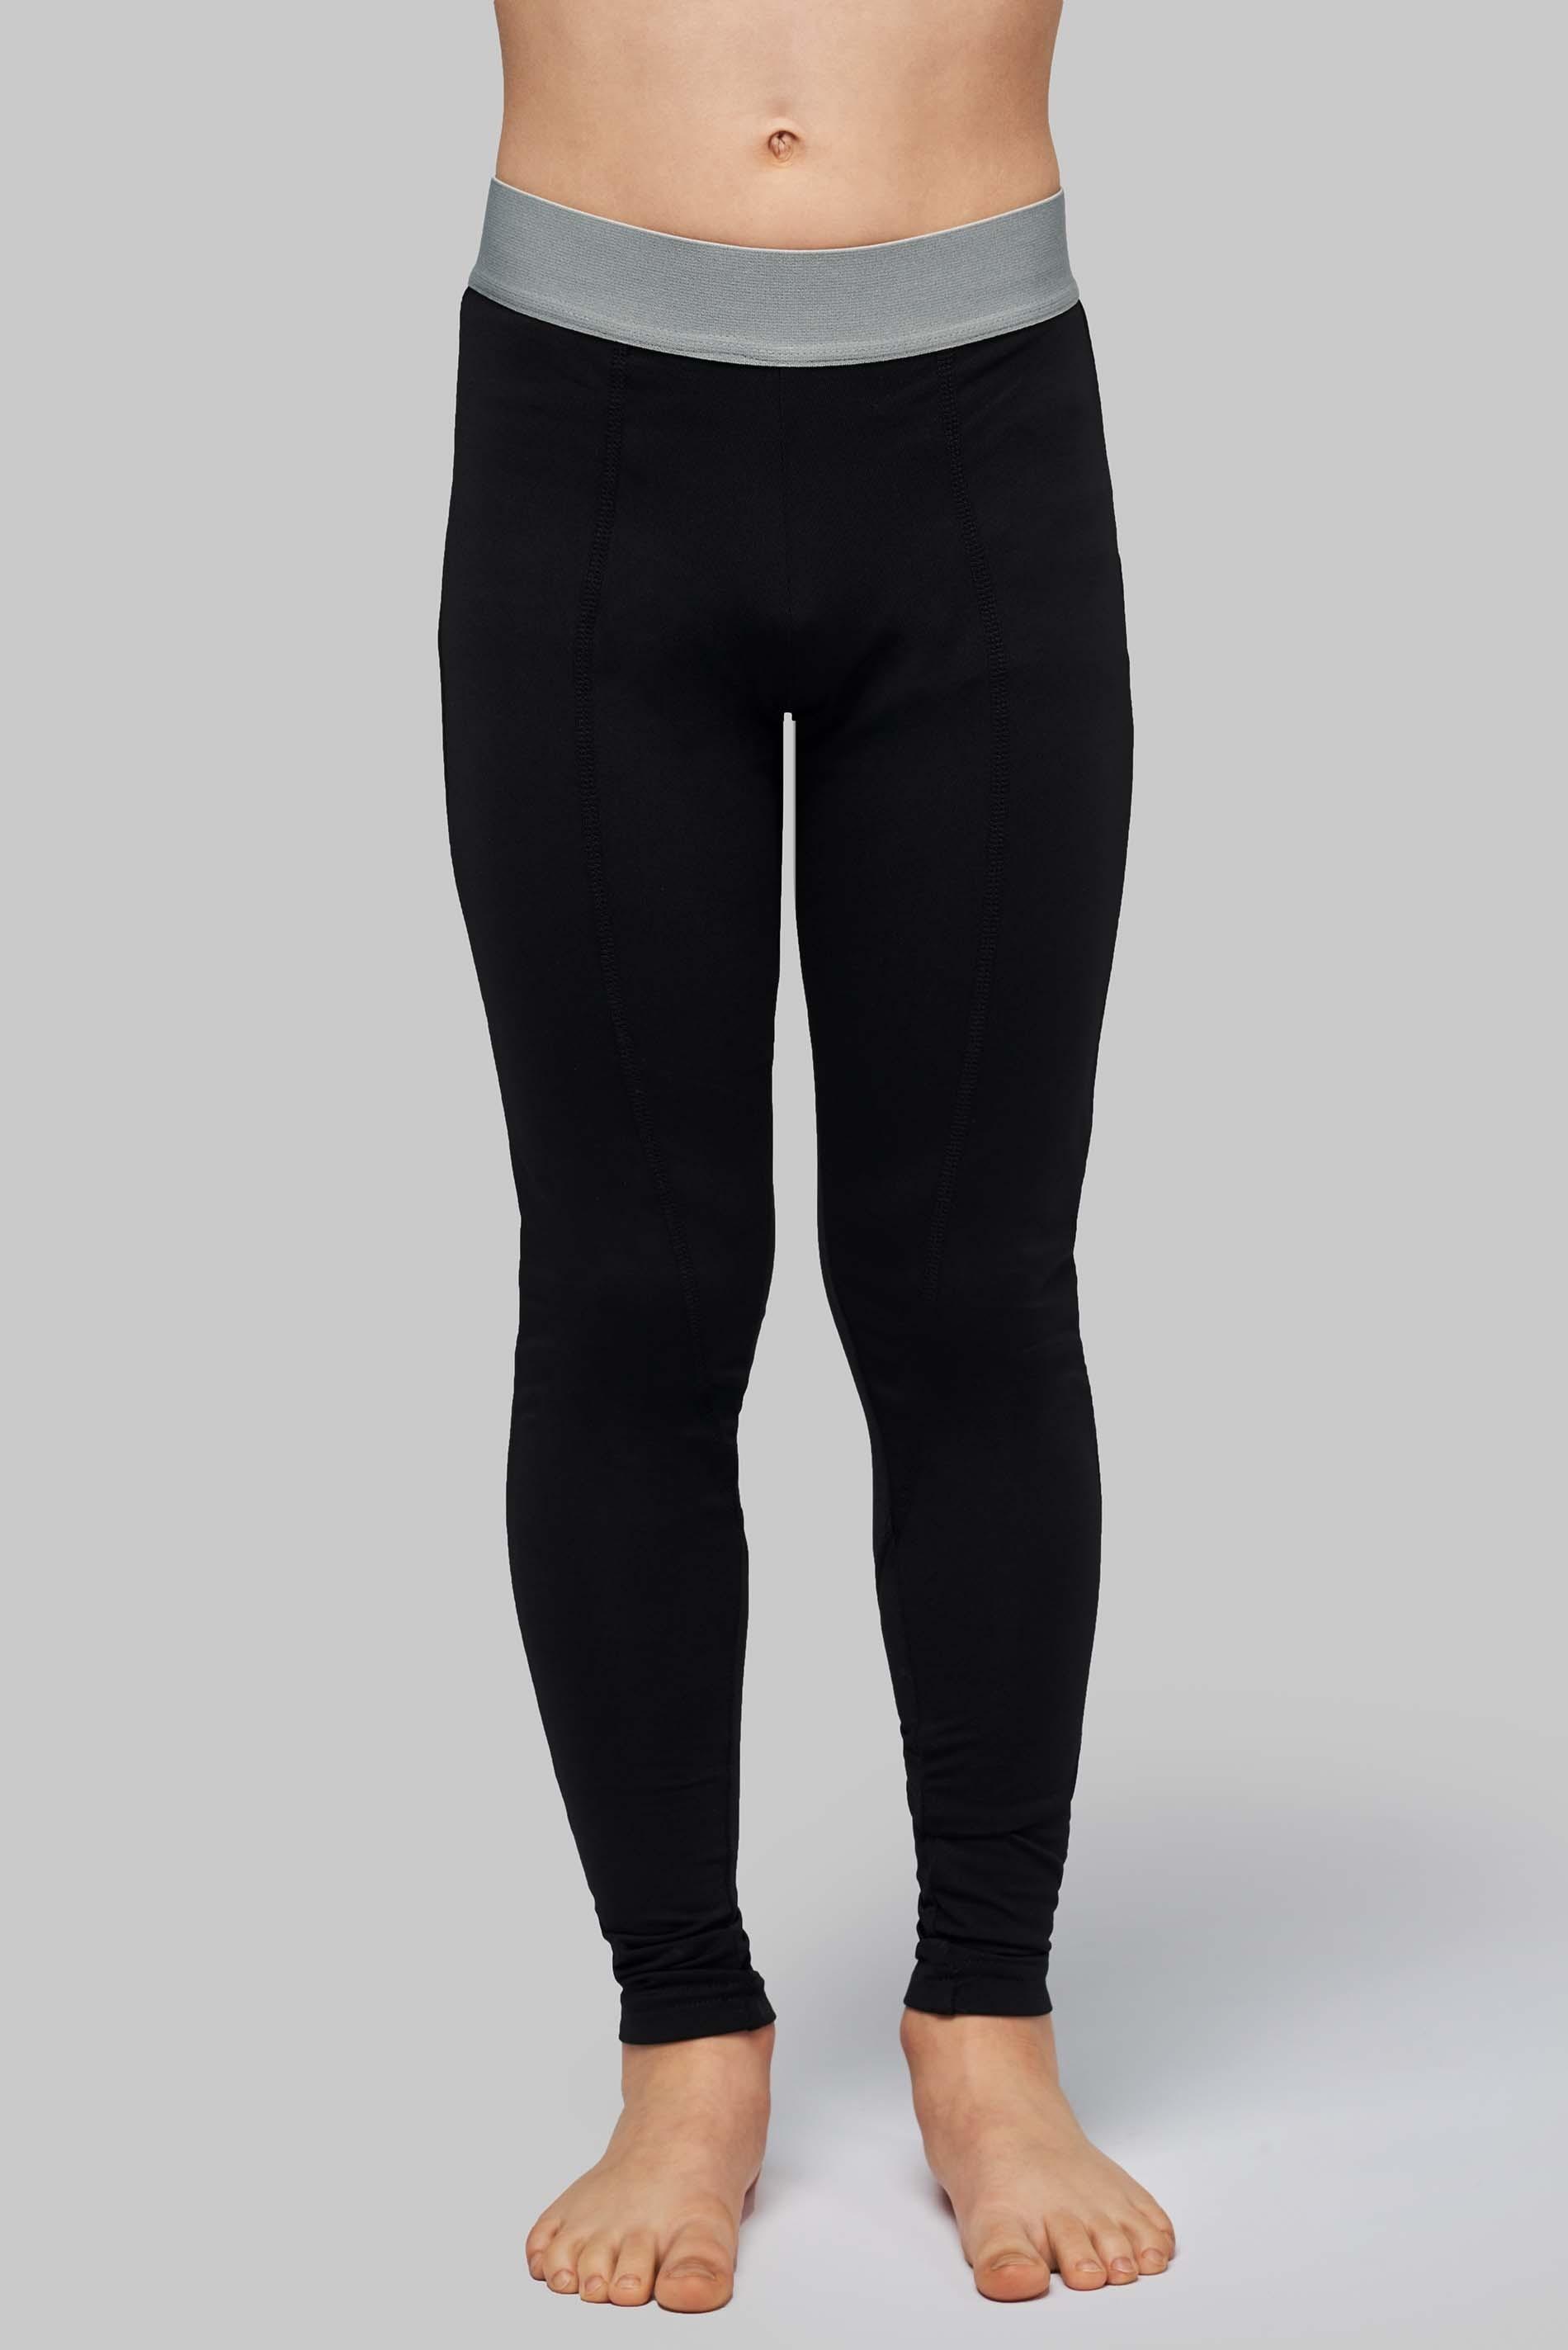 Collant sous-vêtement sport enfant - 2-1602-3